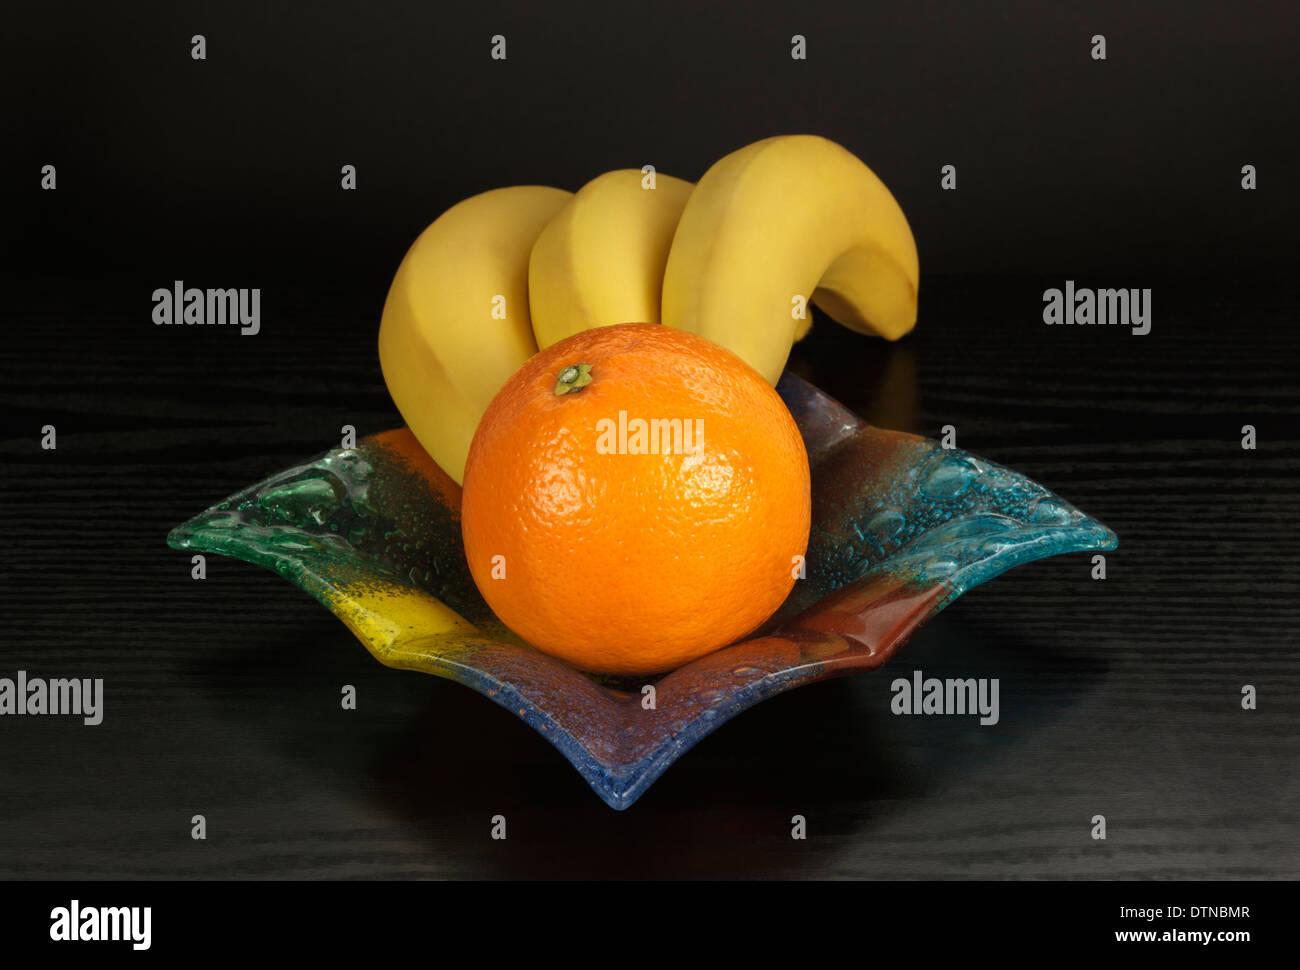 La banane et l'orange dans un bol en verre de couleur Photo Stock